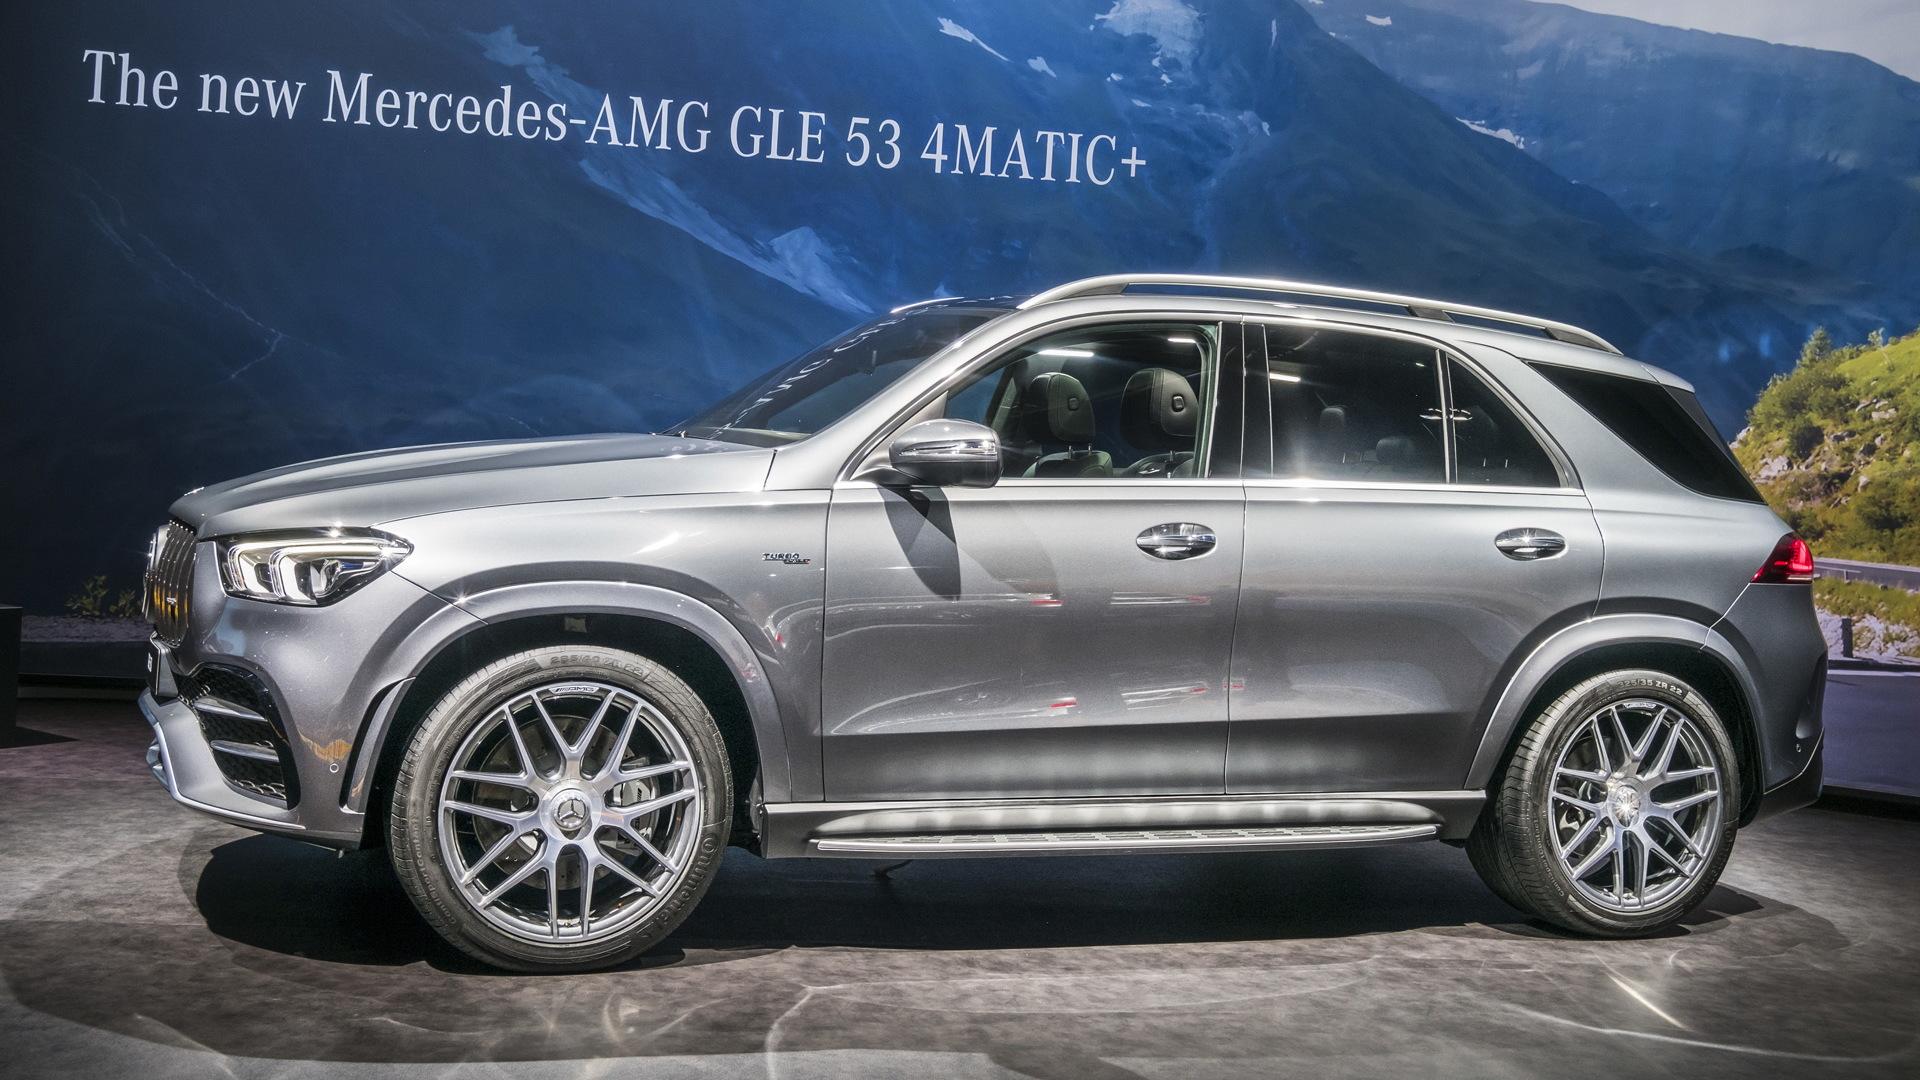 Mercedes-AMG GLE53